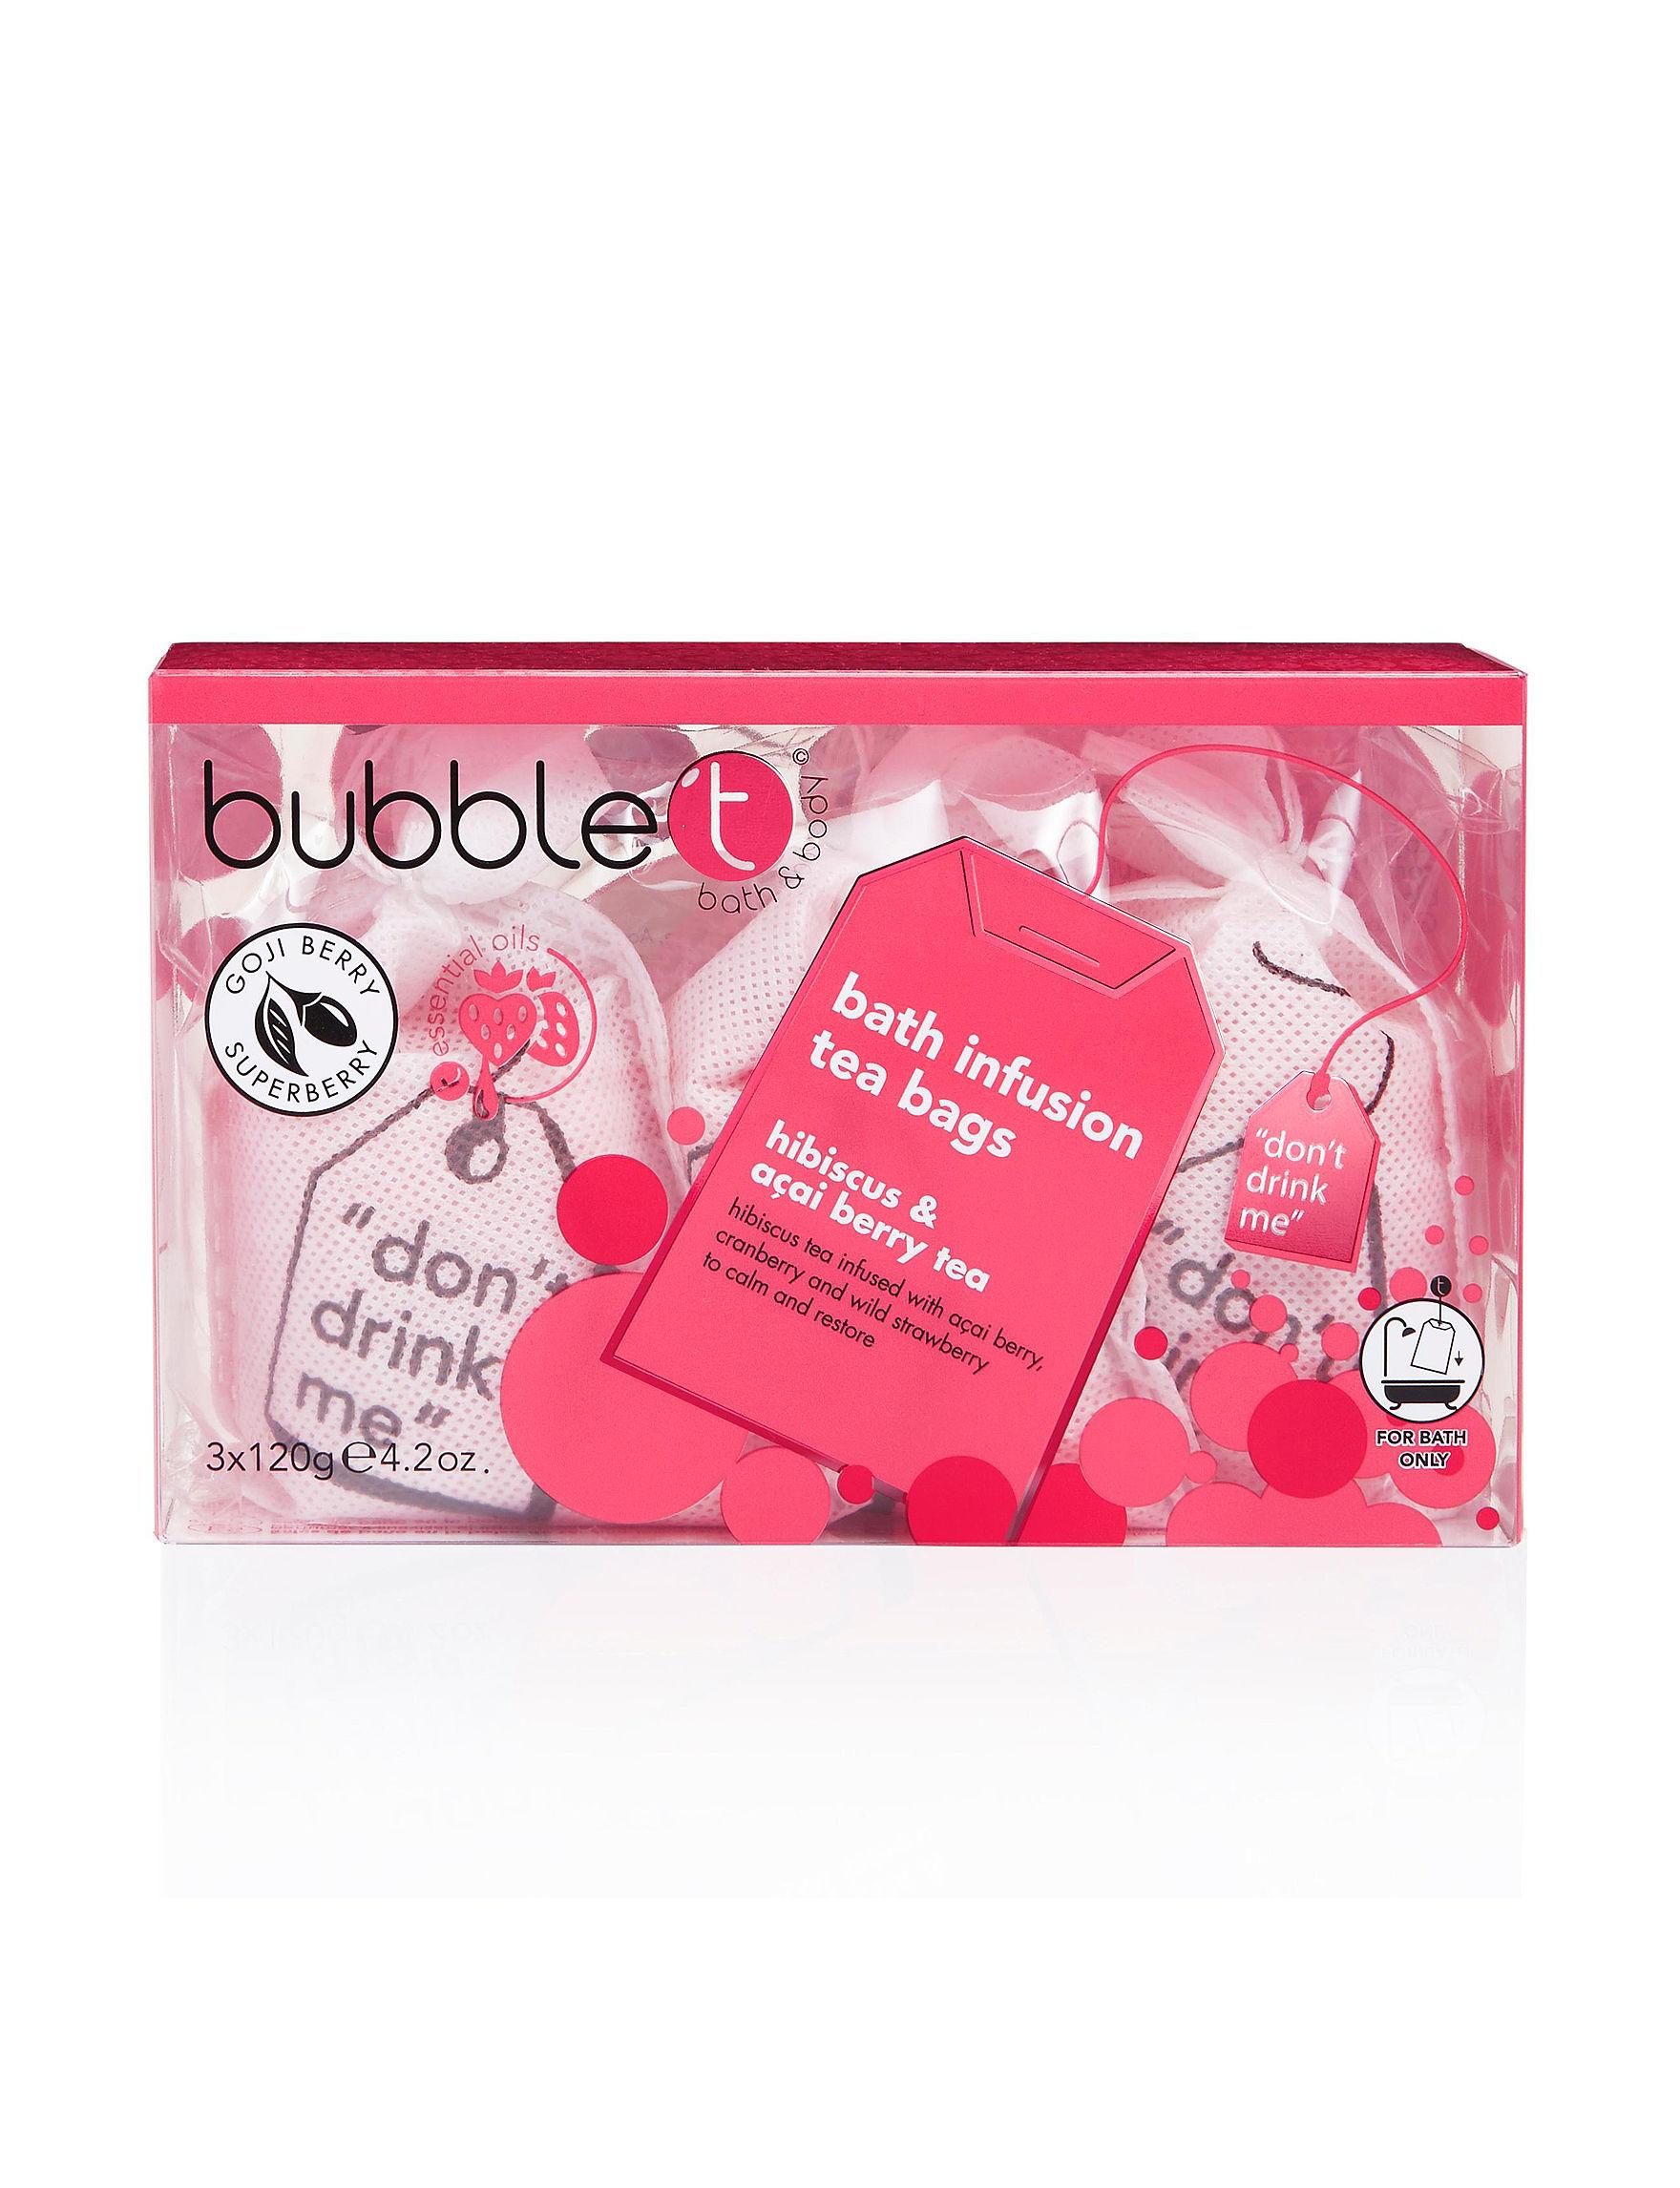 Bubble T  Bath Soaks & Oils